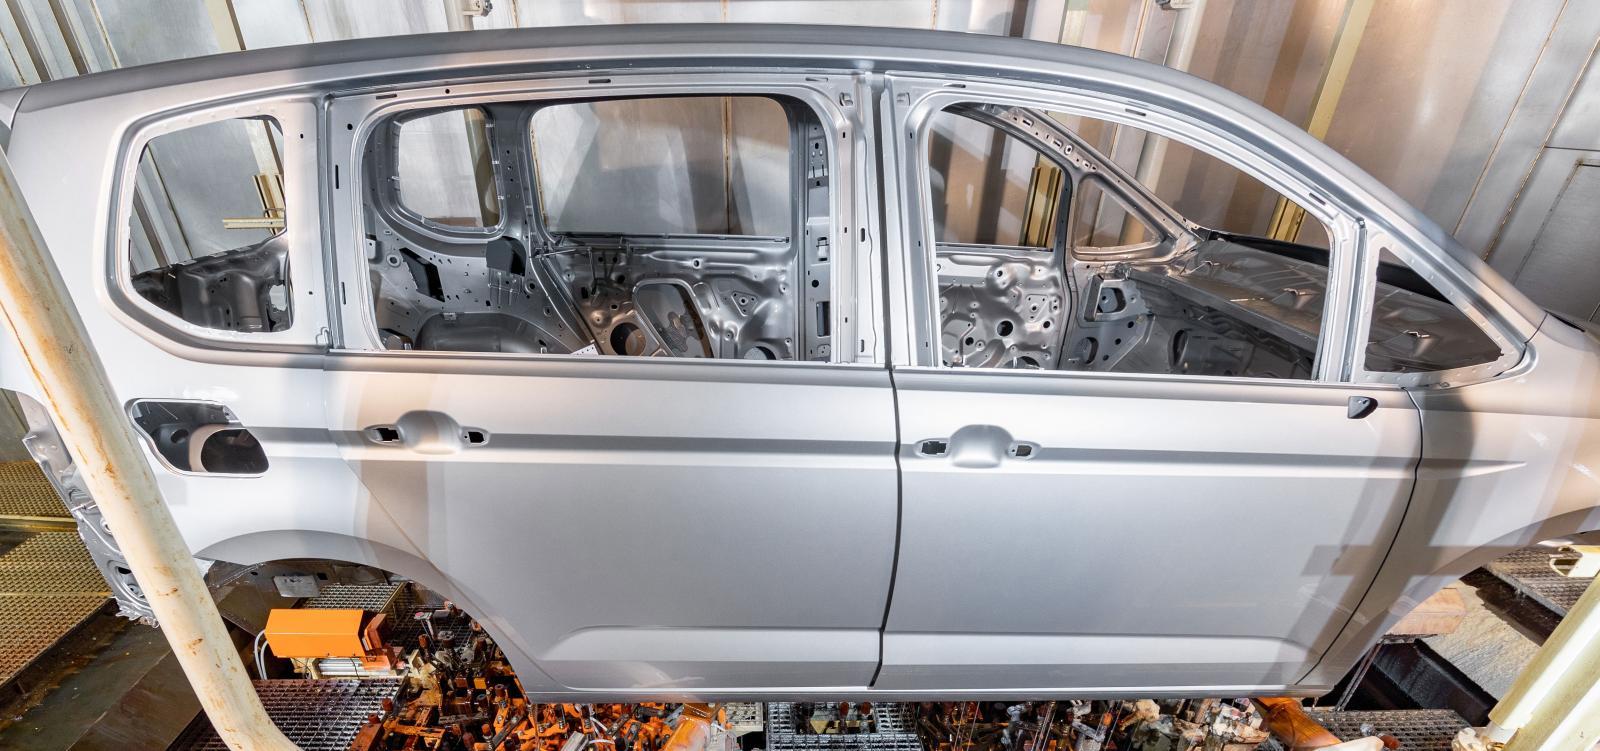 En Touran sänks ner på munstycken som fyller tröskellådorna med vax. Foto: Volkswagen